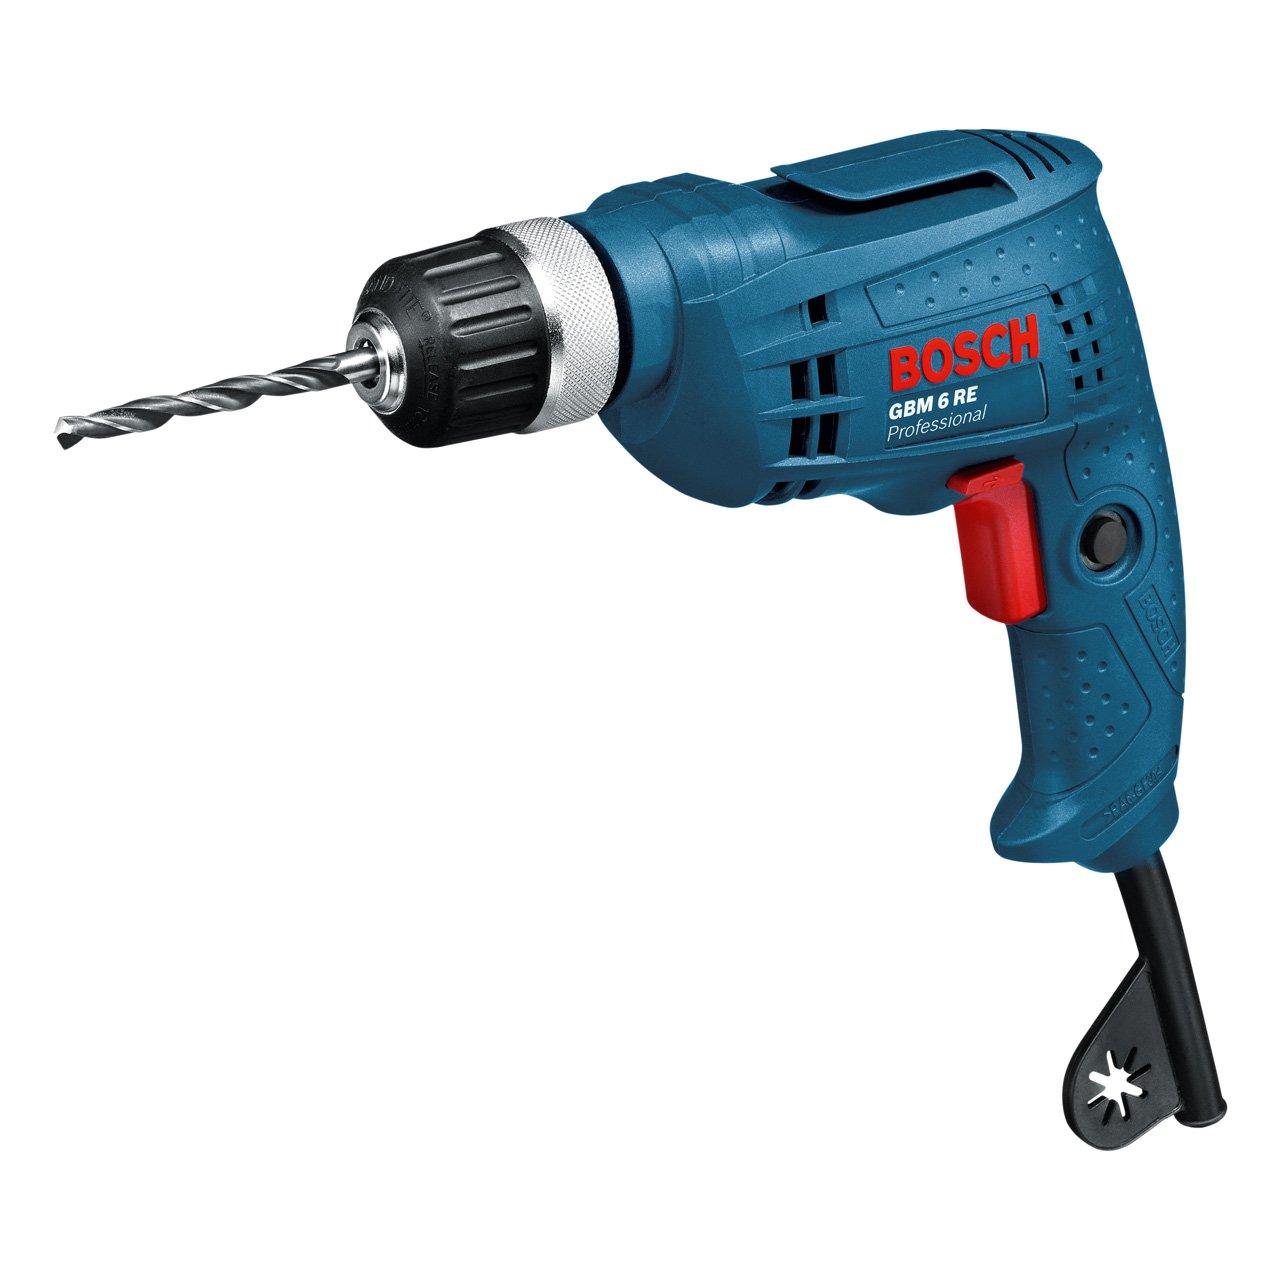 Bosch Professional 601472600 Taladro, 350 W, 240 V, Blue, Black, 22.8 cm x 19.6 cm 0601472600 Bosch Profesional Bosch herramientas taladradora Bosch